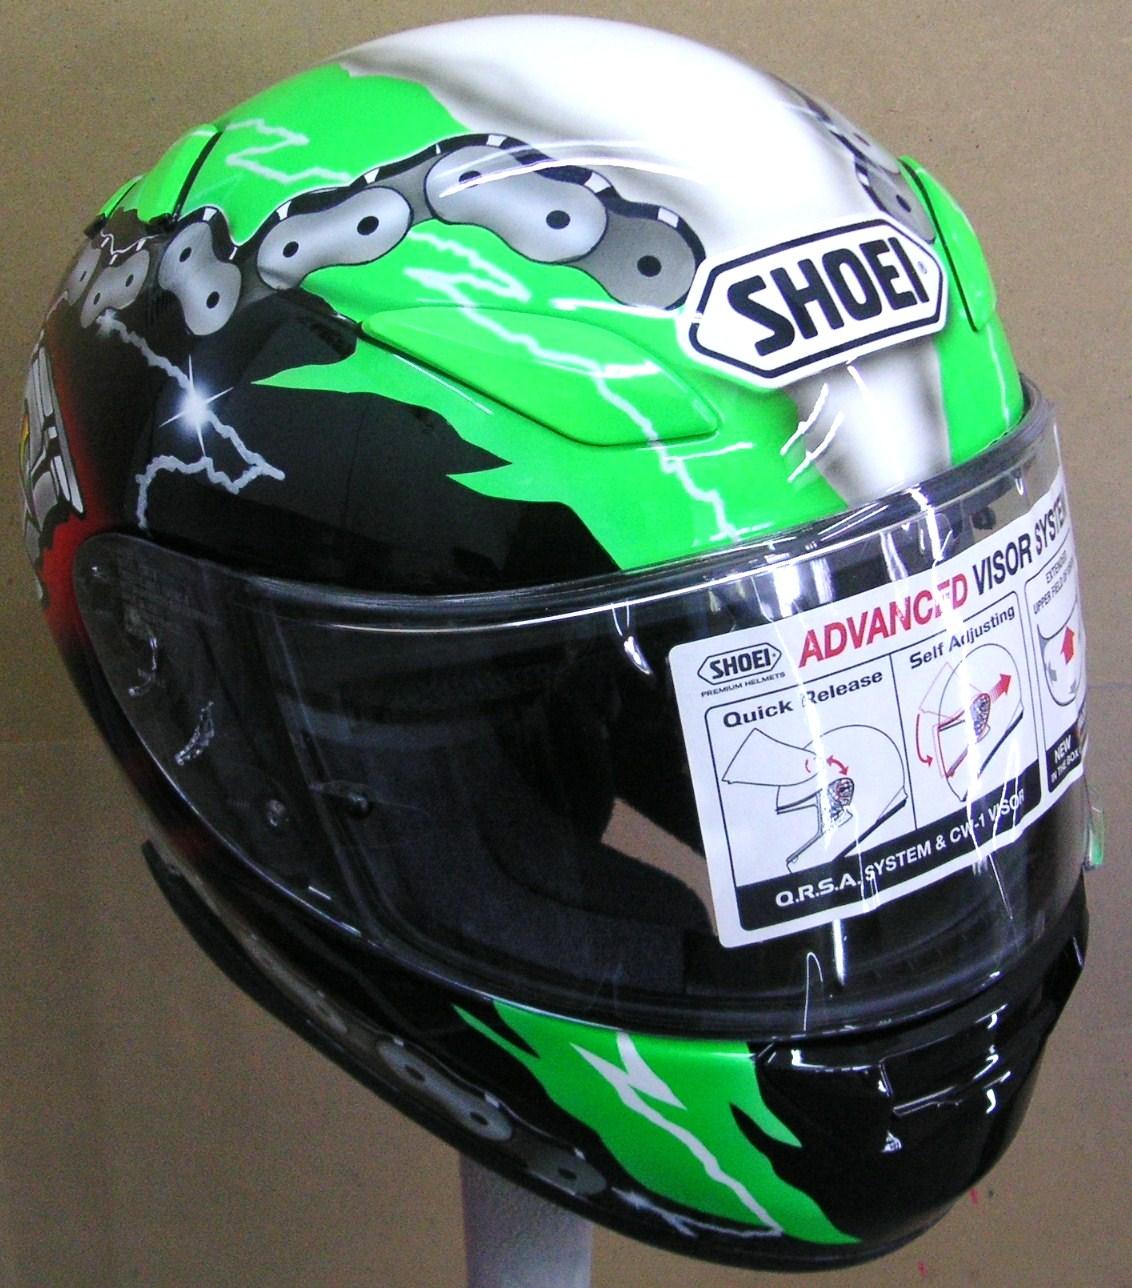 Hand Painted Ski Helmets